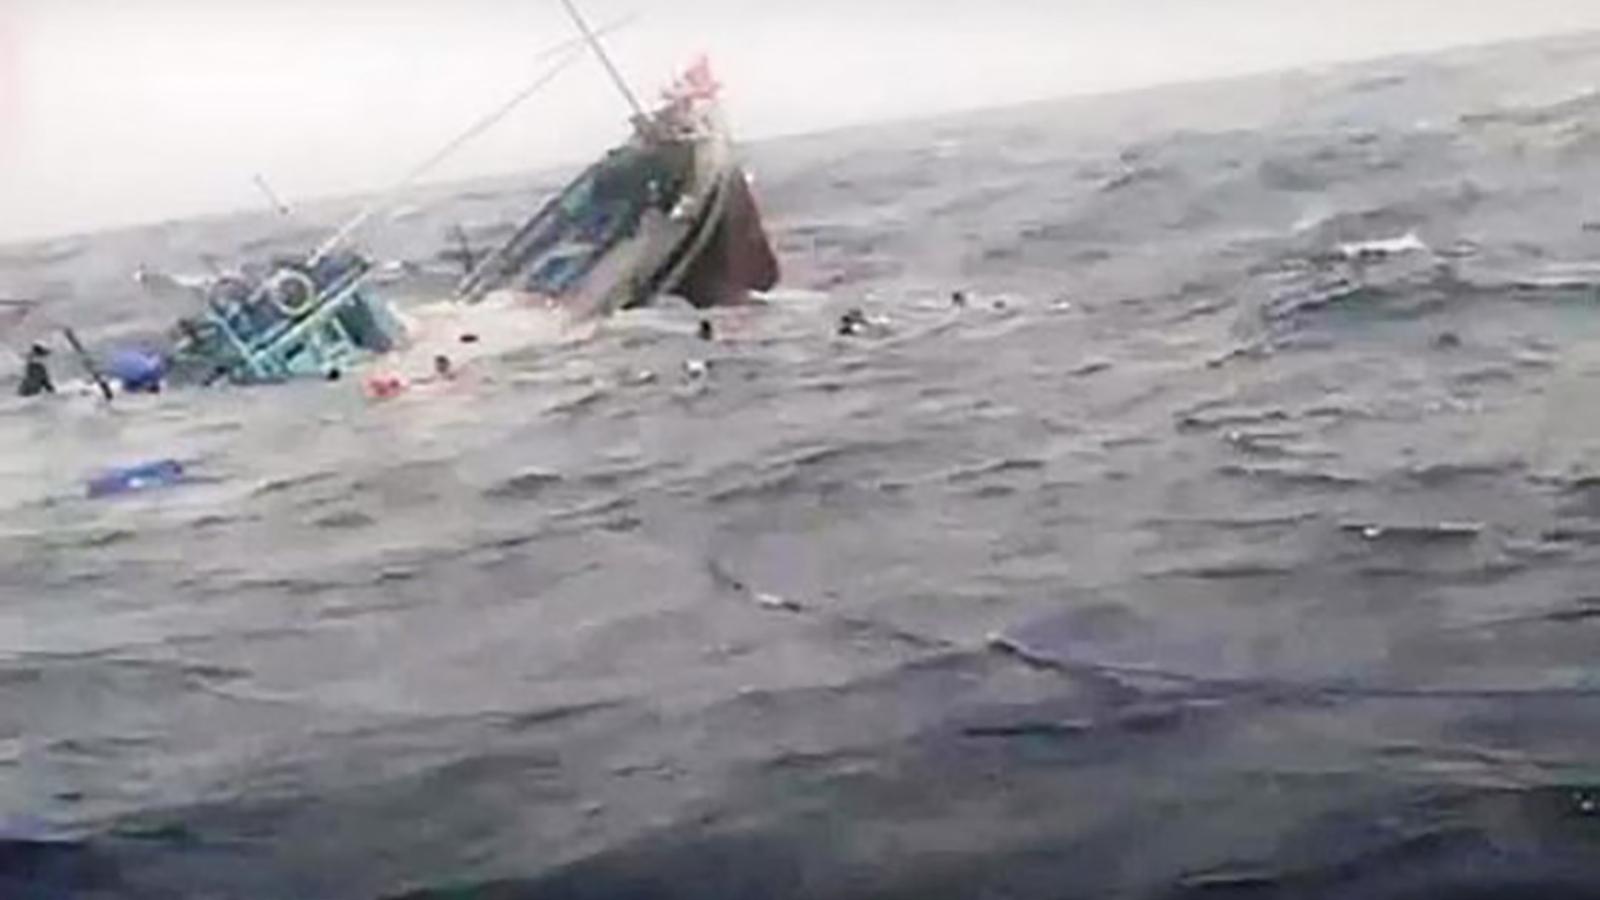 Cứu sống 4 ngư dân tàu cá bị chìm trên biển